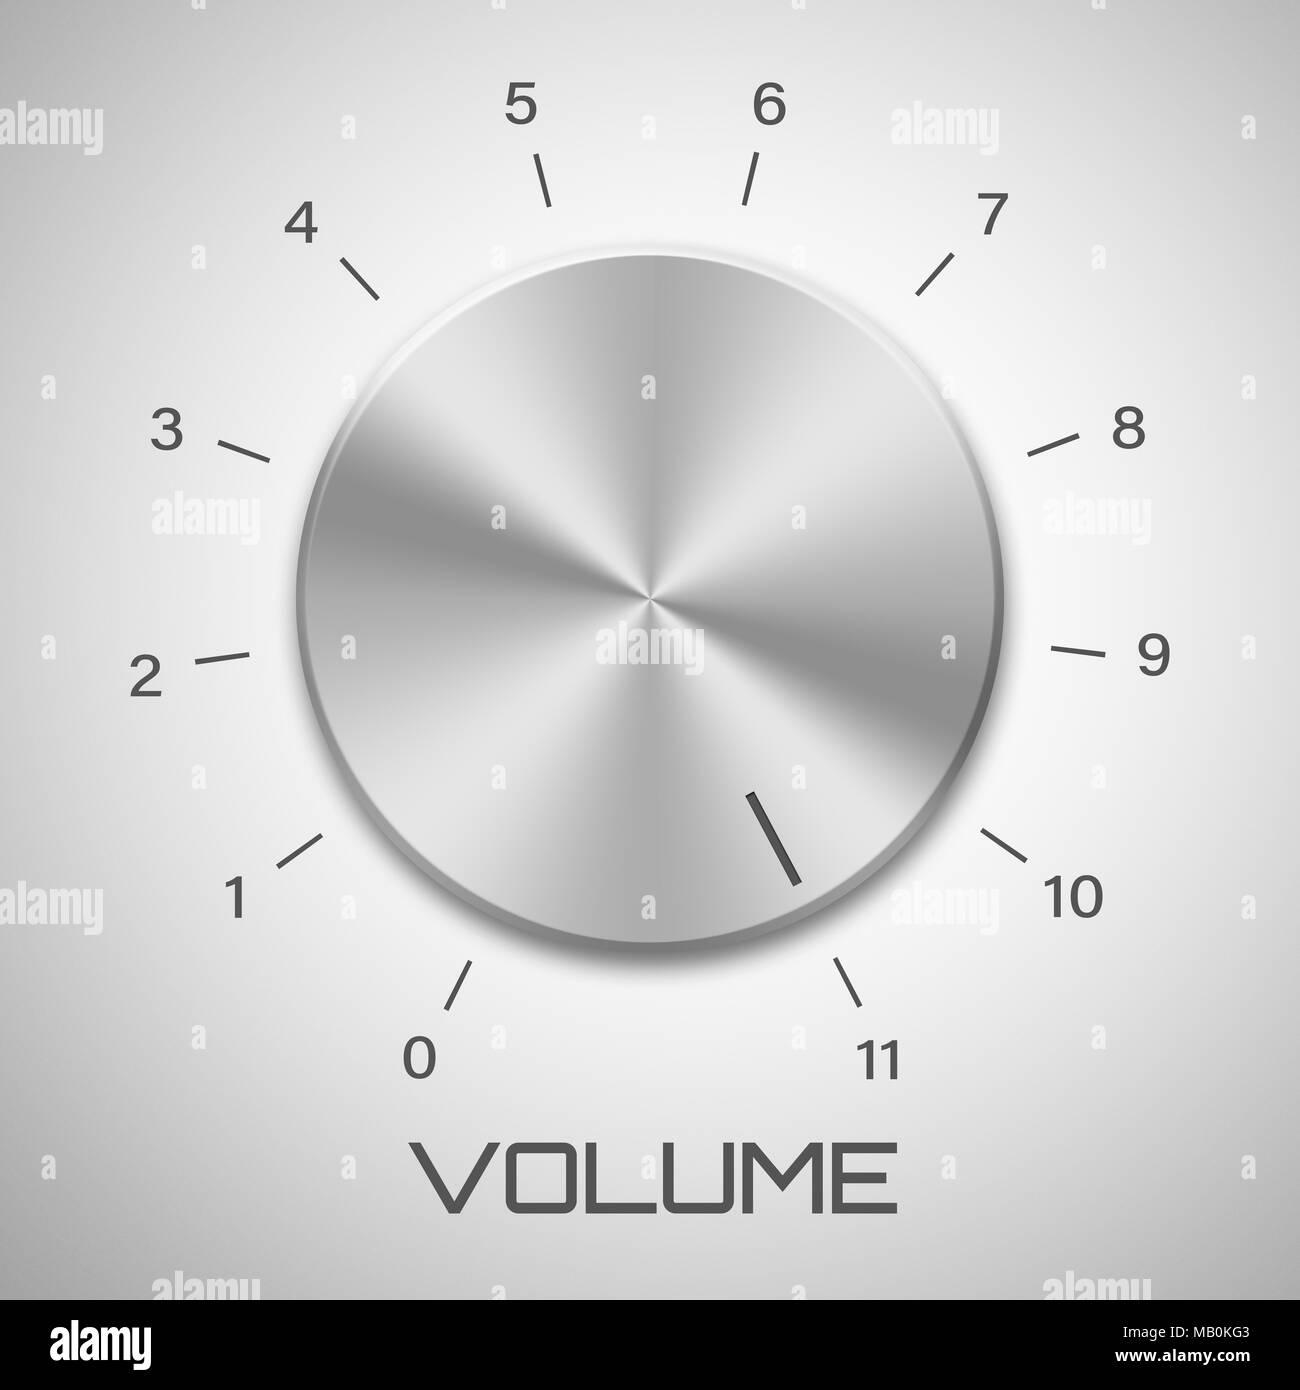 Metallo manopola di controllo del volume che va a undici Immagini Stock